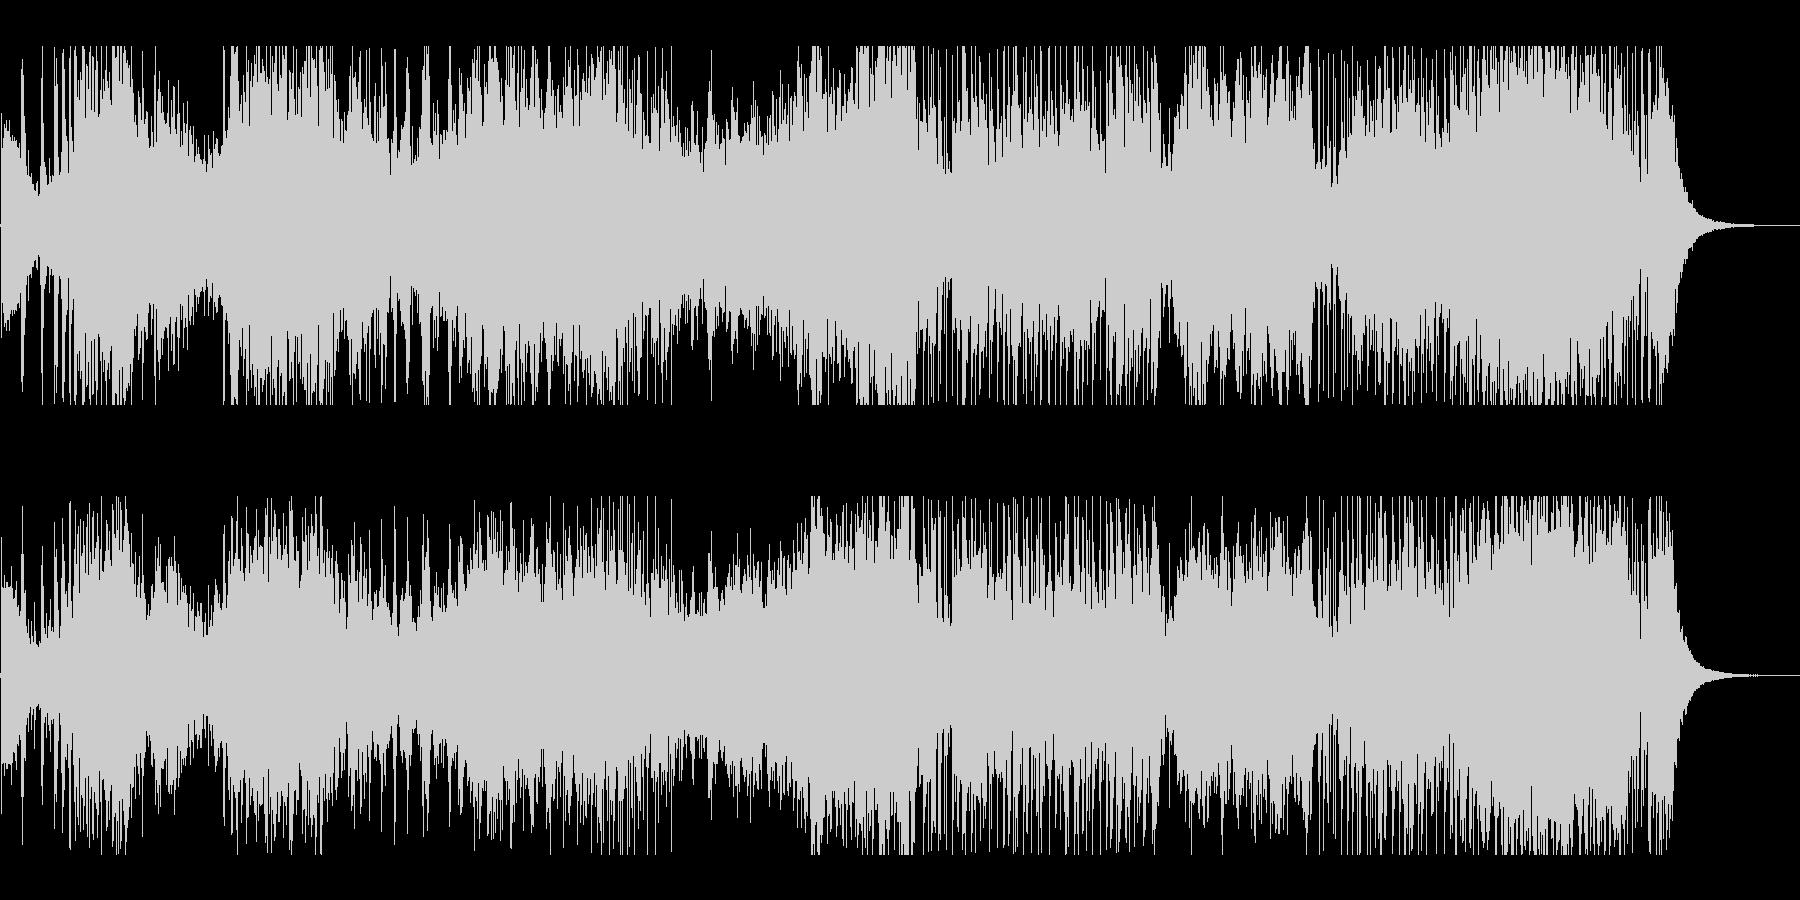 和太鼓やドラによる激しいリズムのみの音楽の未再生の波形